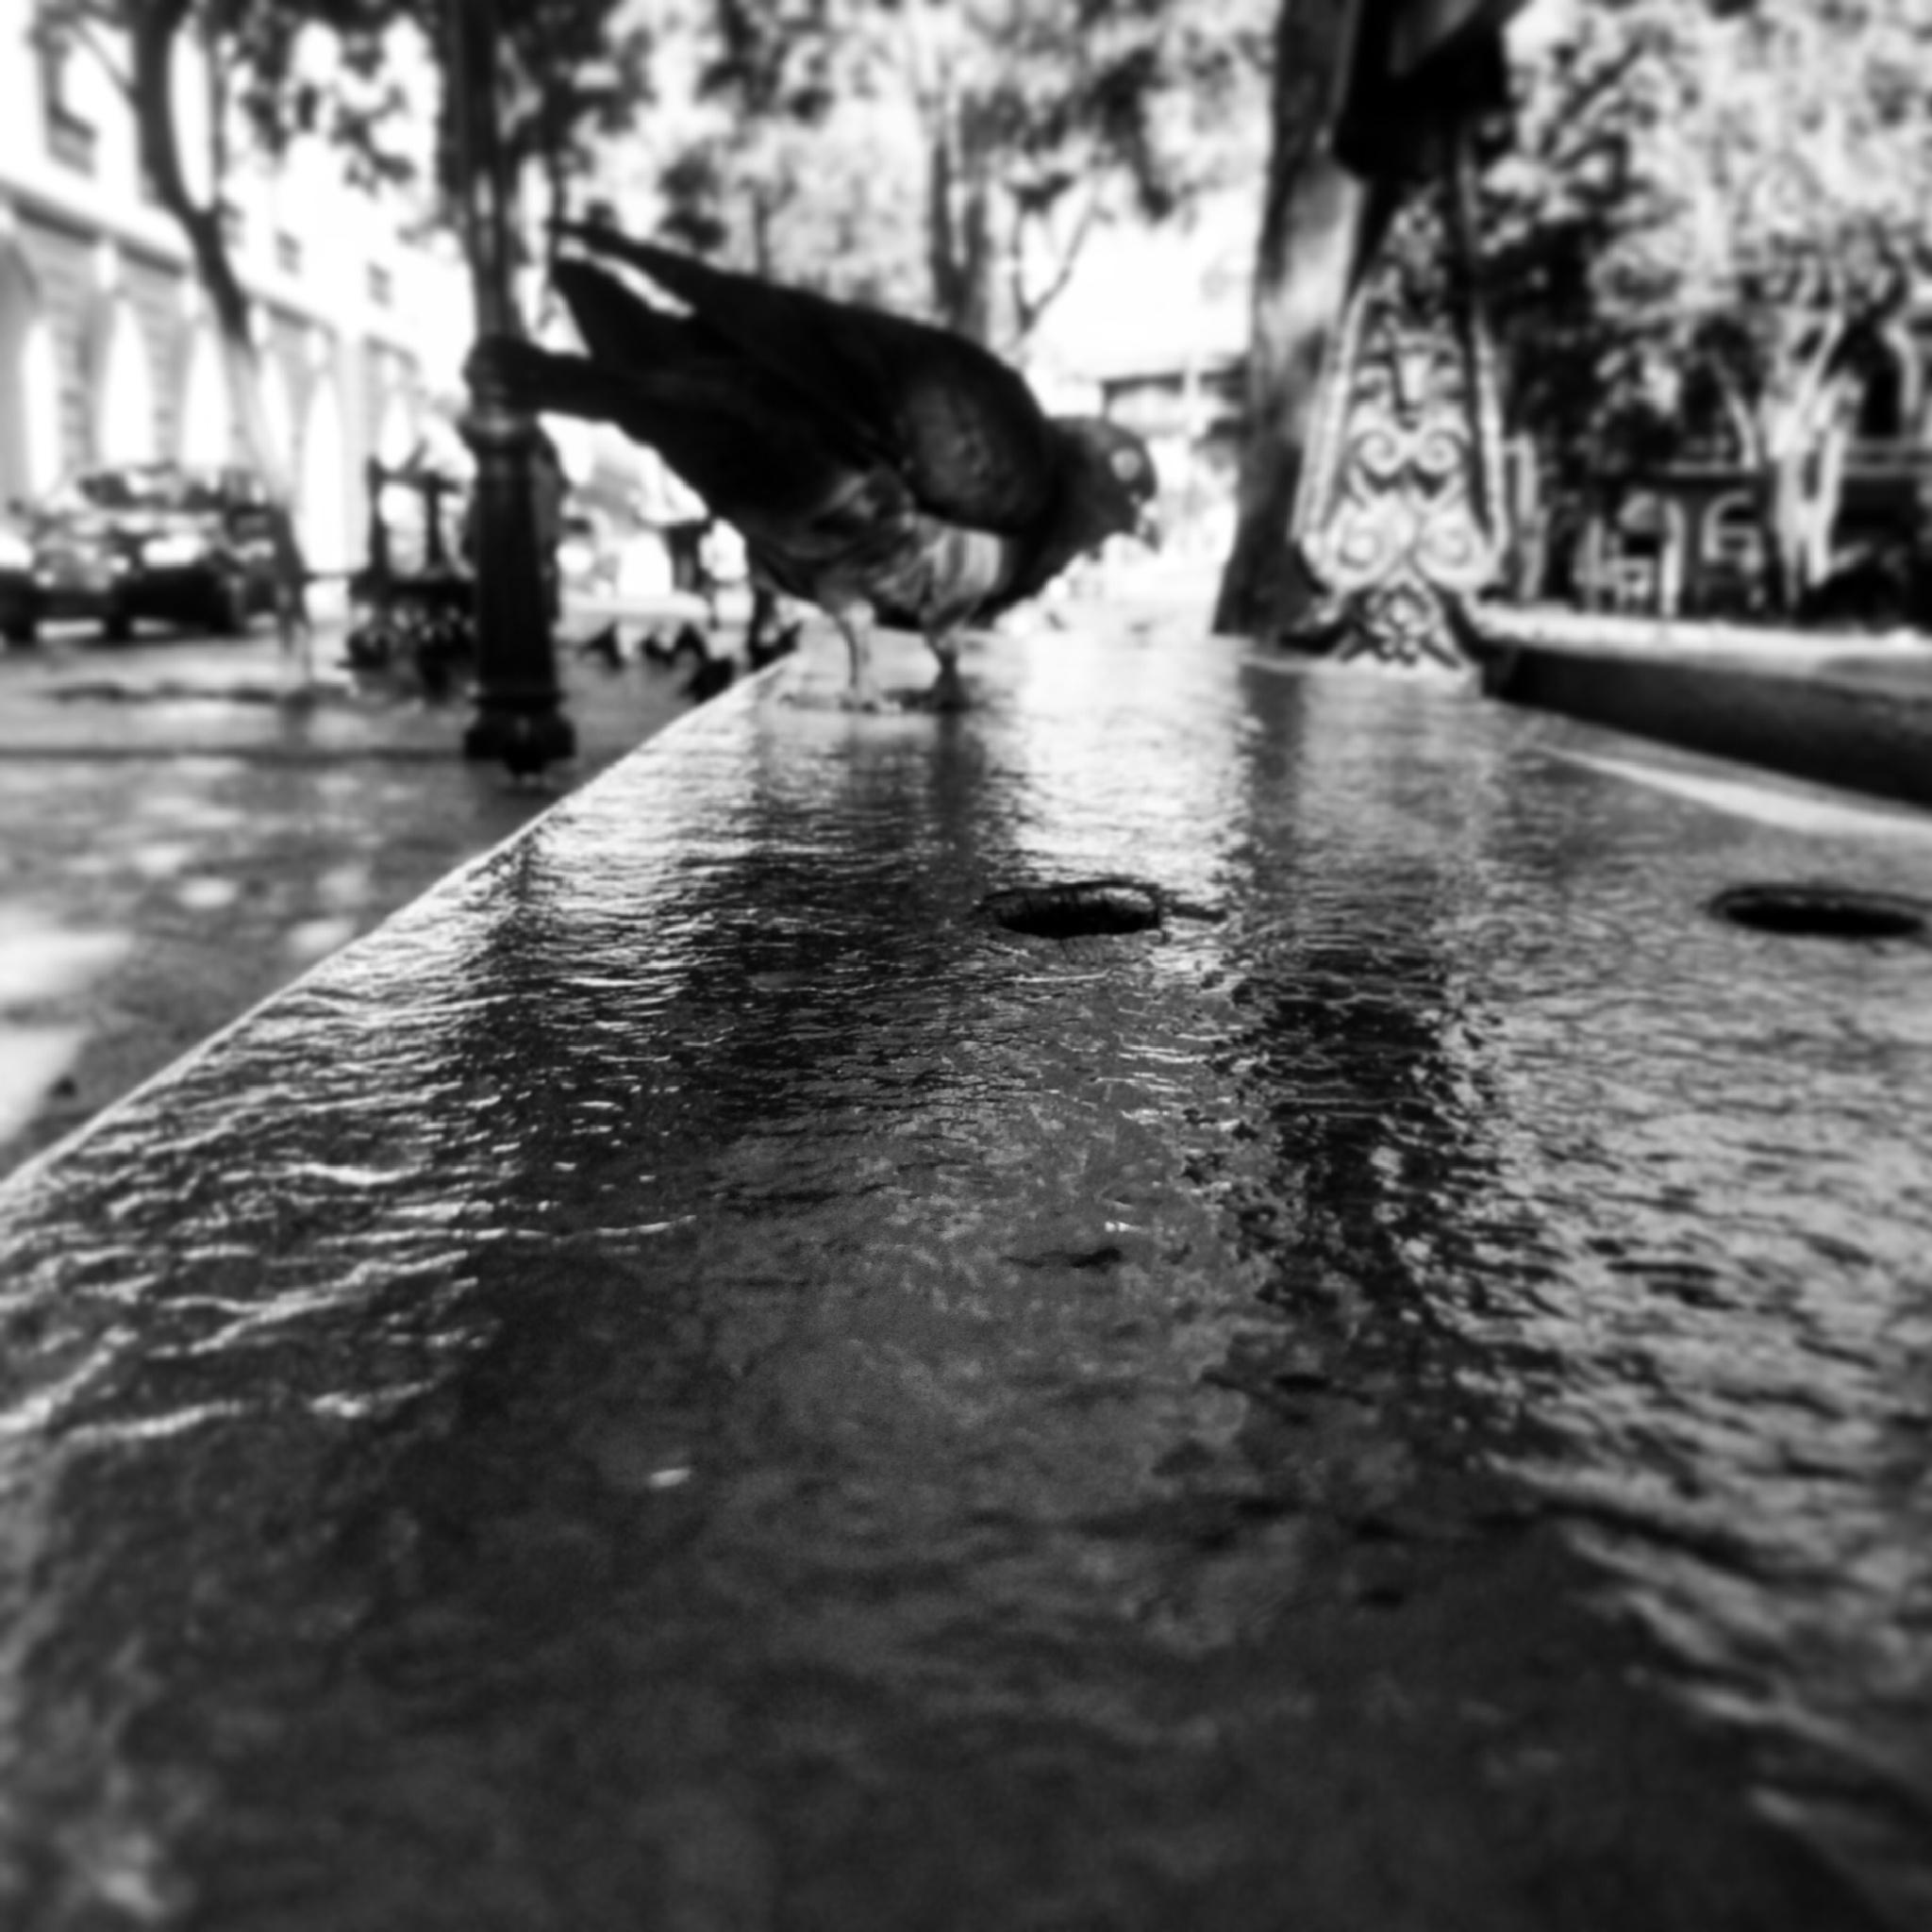 Pigeon on bench by Nilda64pr